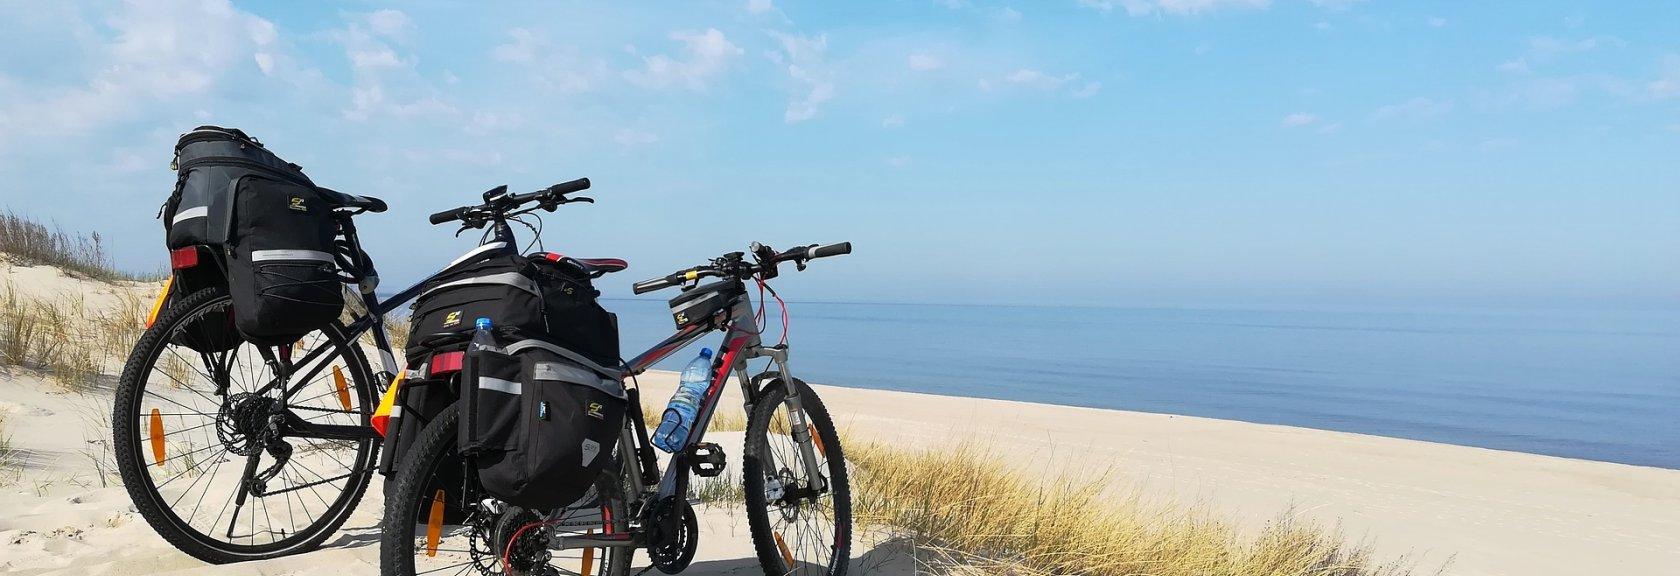 Rowerem po wybrzeżu